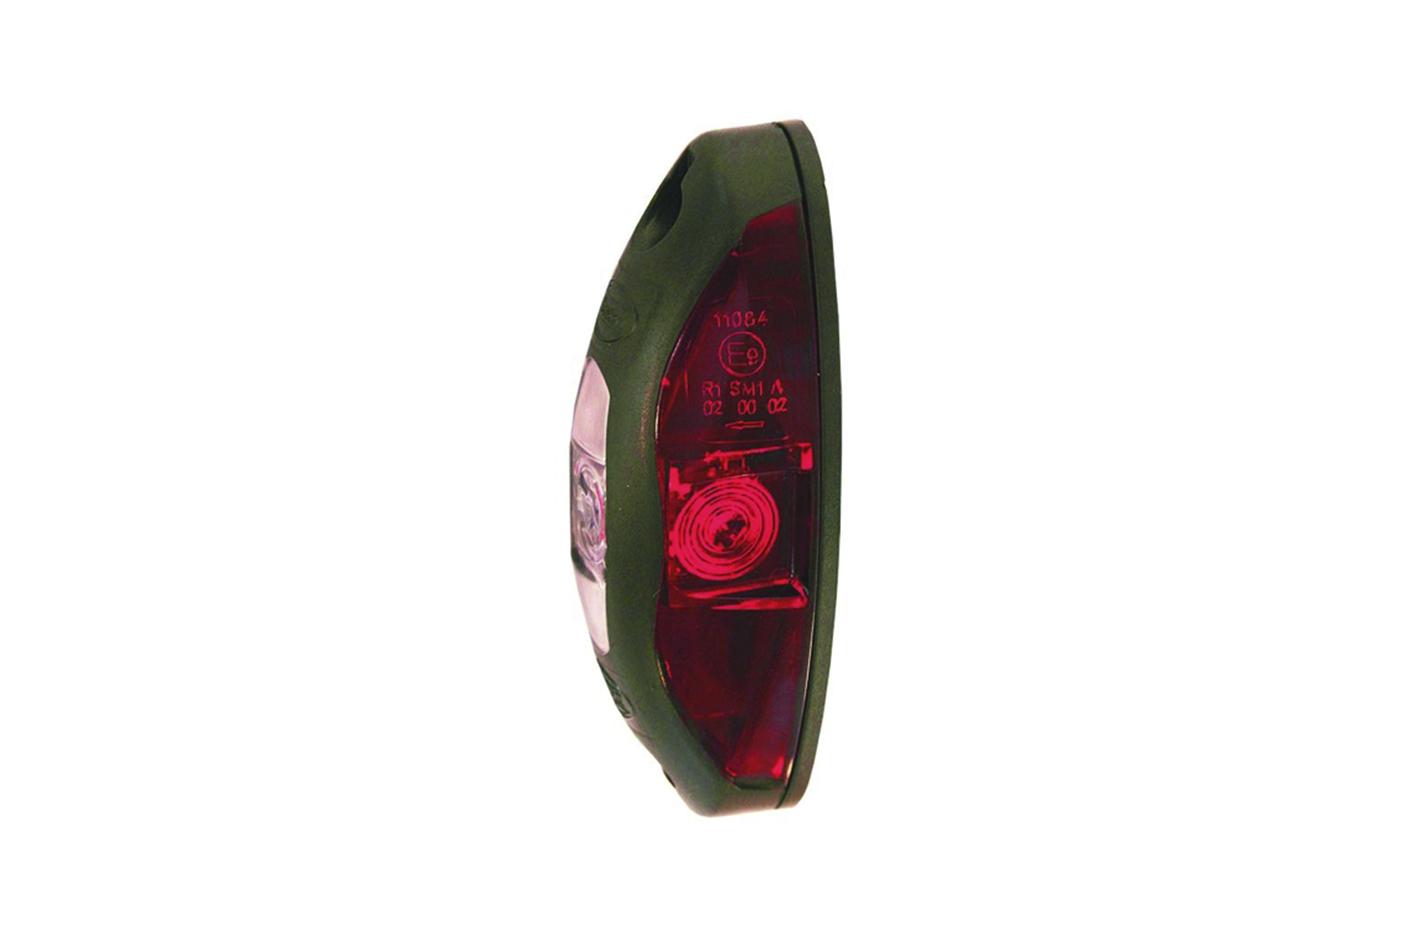 LED Umrissleuchte 10-30V für linken und rechten Anbau